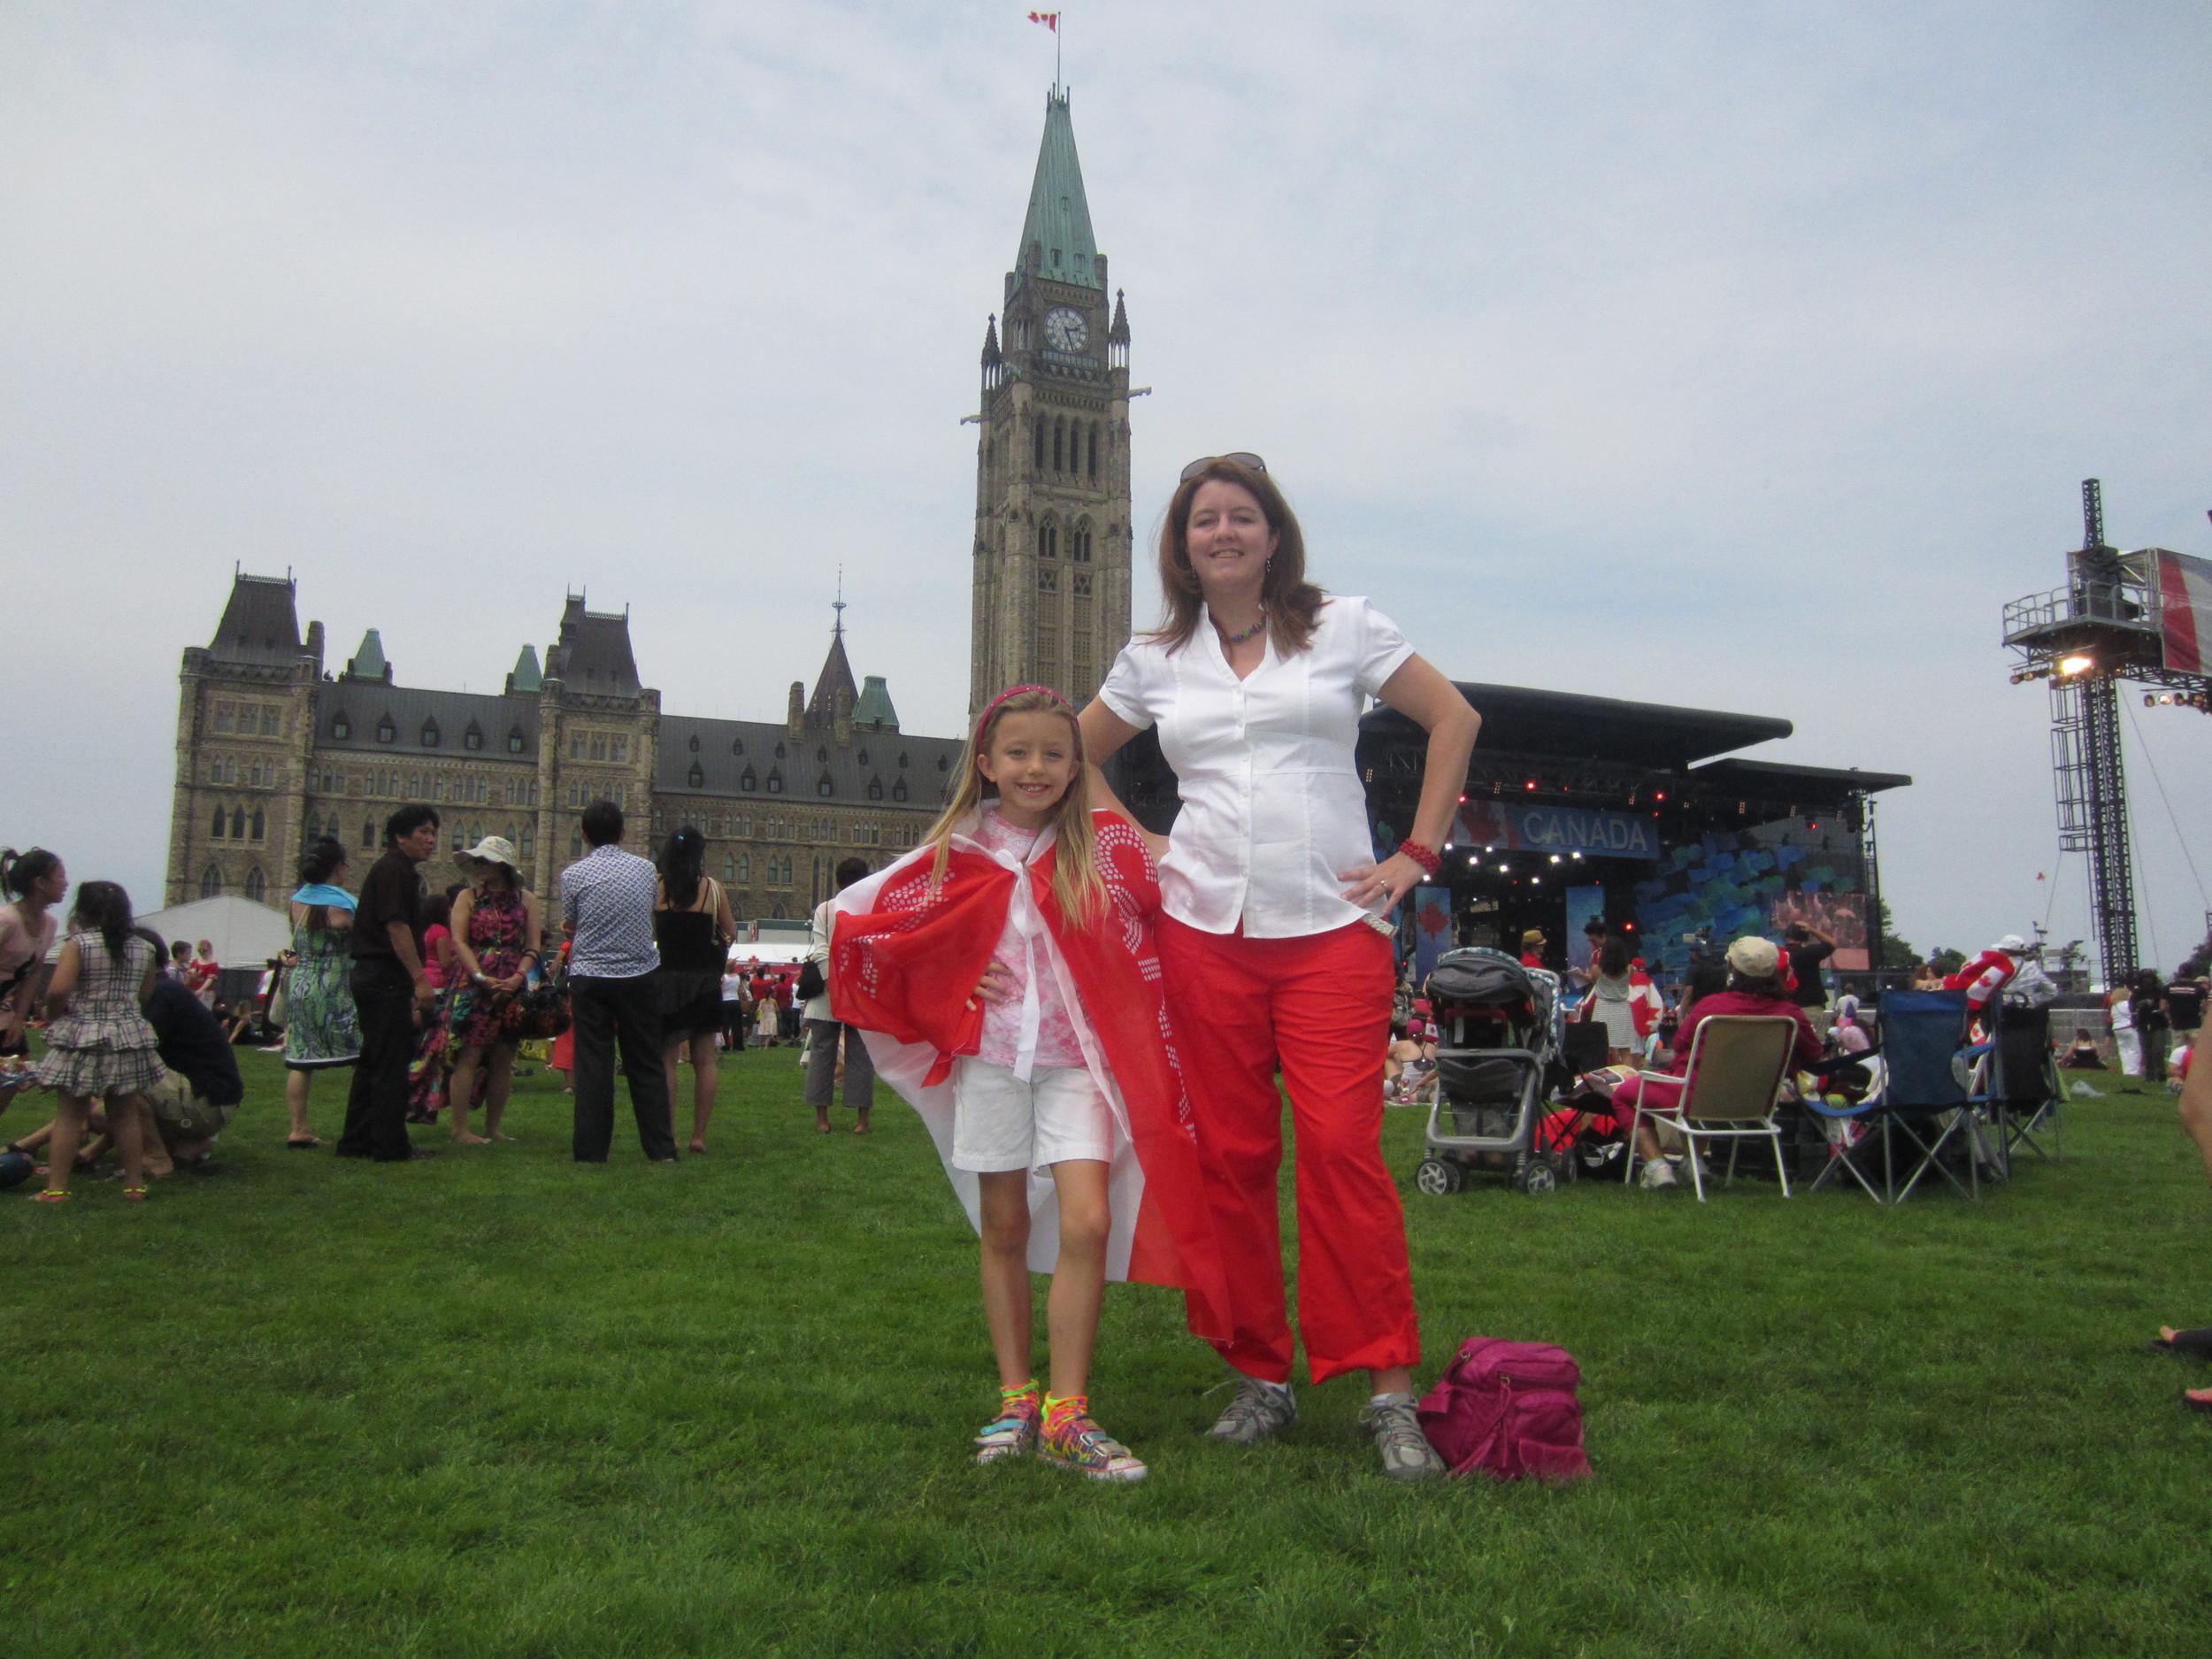 OttawaAndMaine_July2013 314